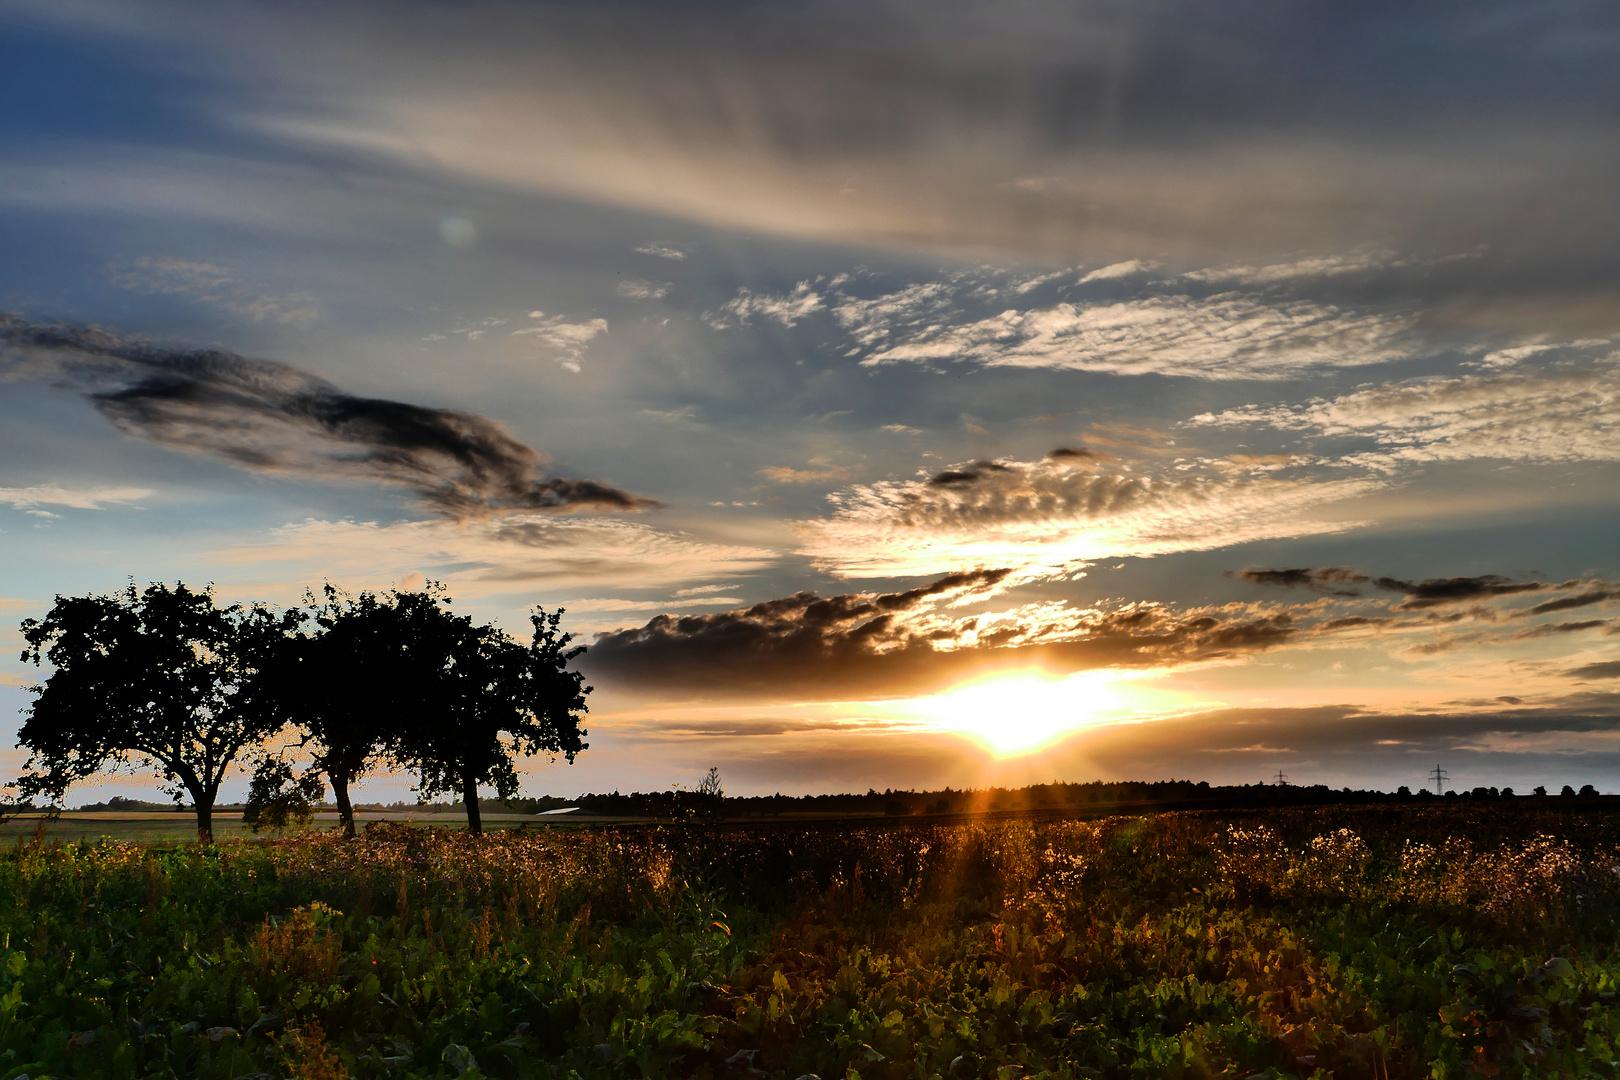 Sonnenuntergang bei Wertheim 2